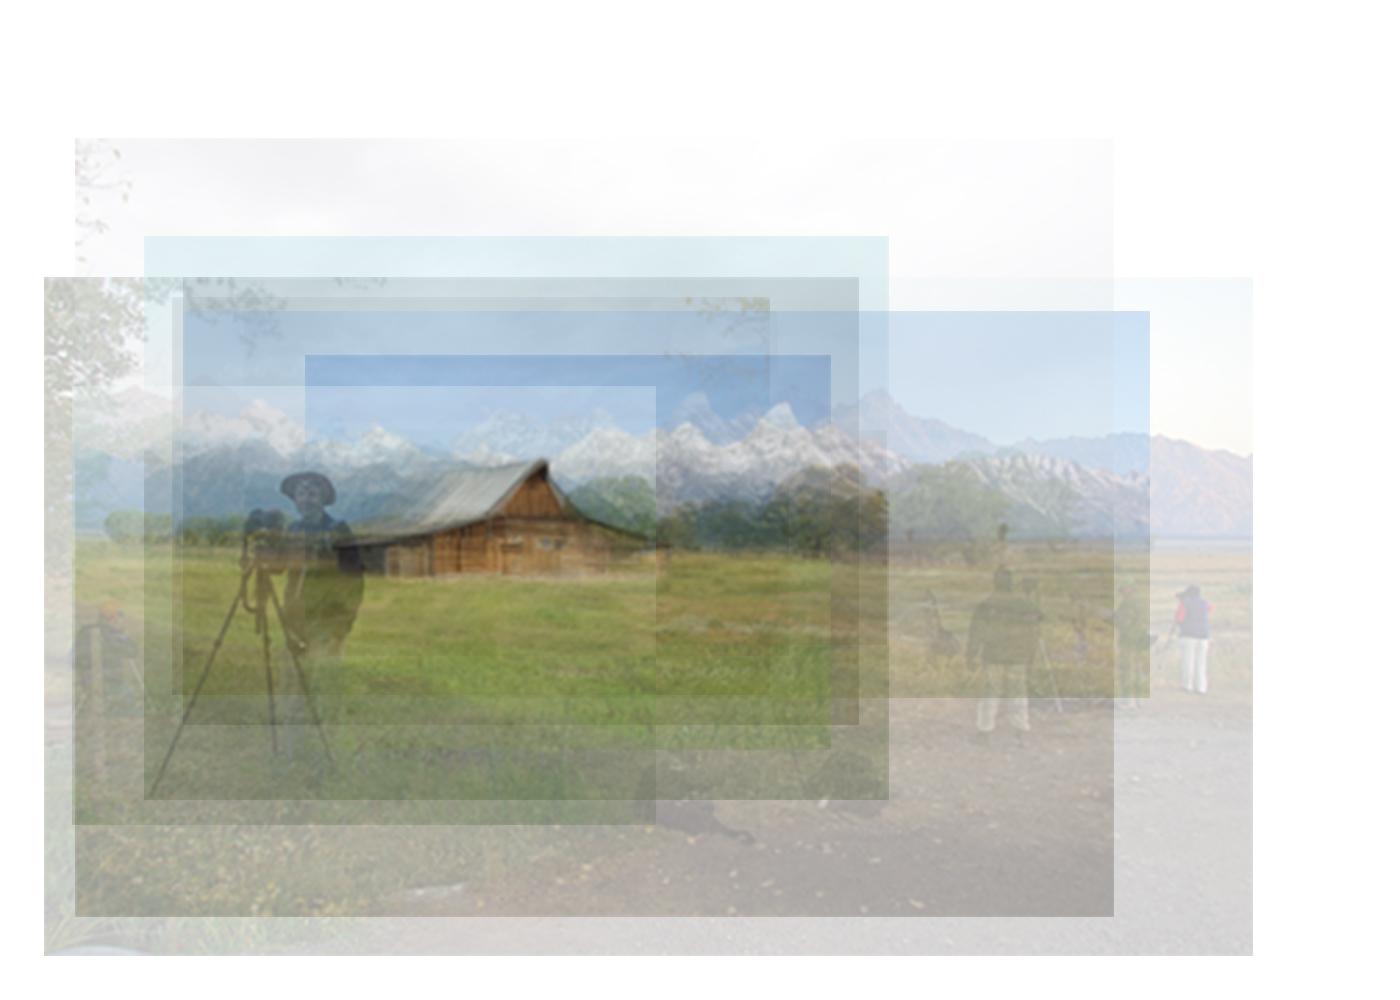 Barn_Composite.jpg